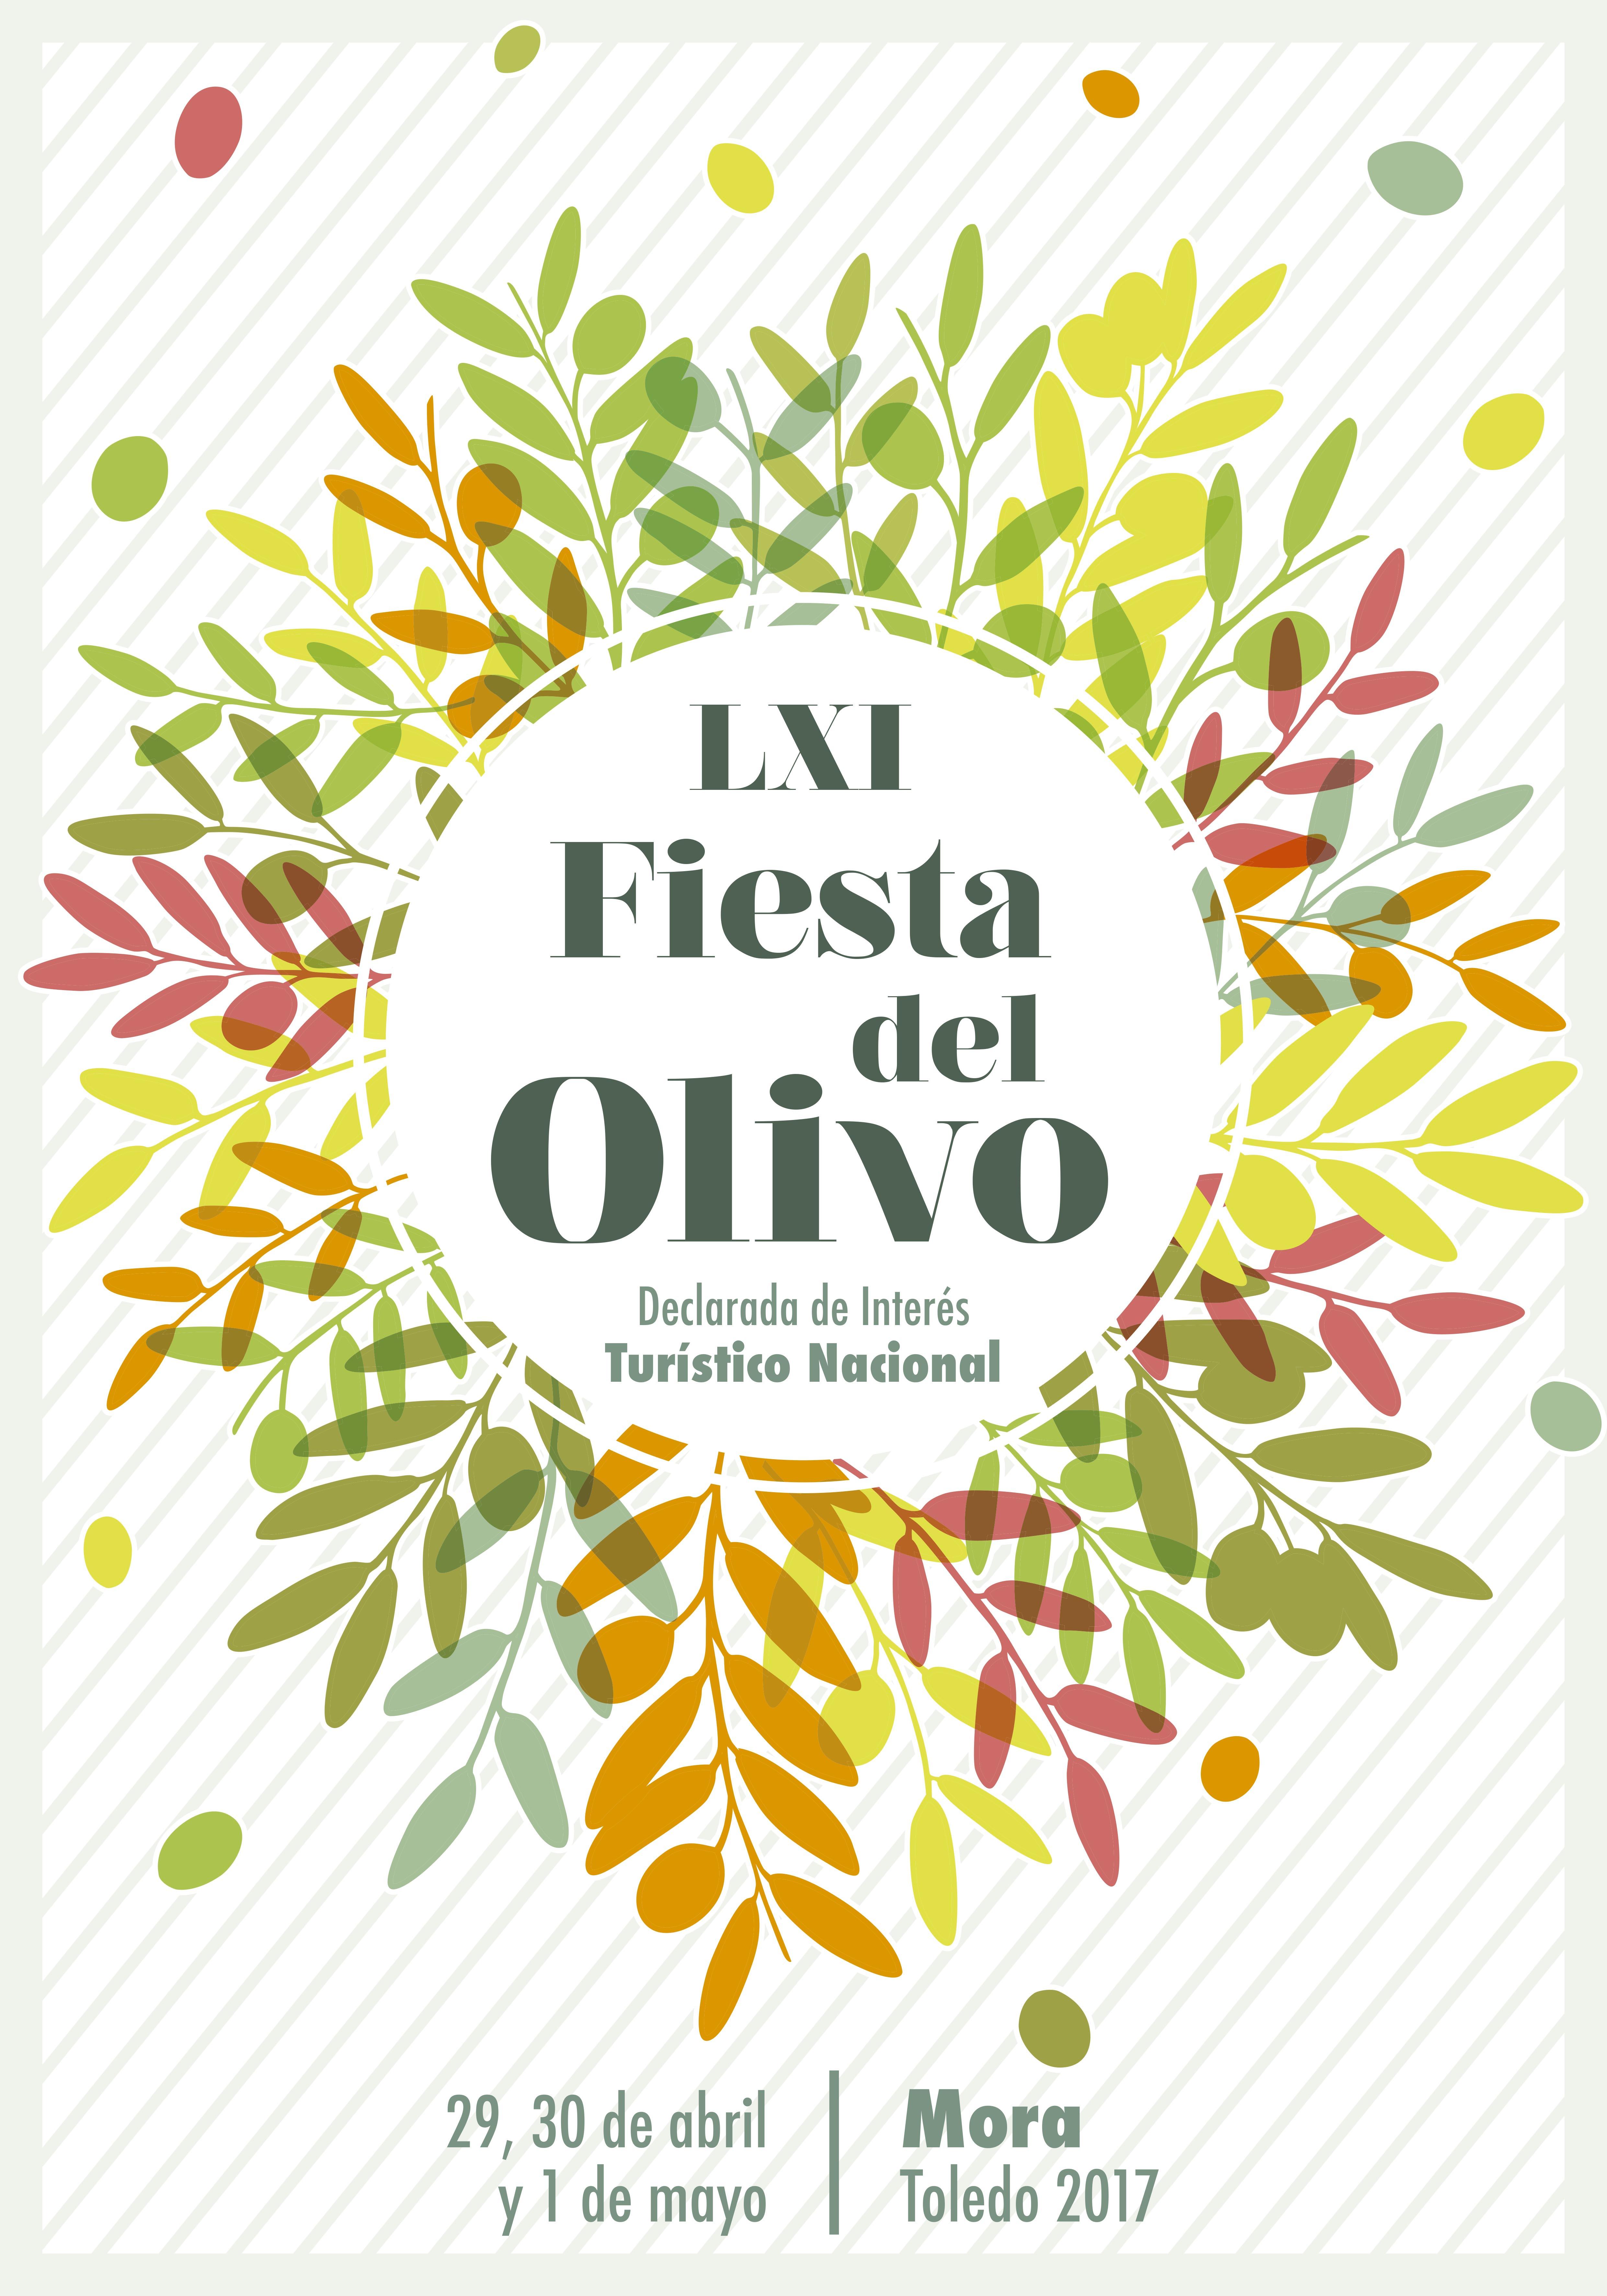 Imagen de la actividad LXI Fiesta del Olivo